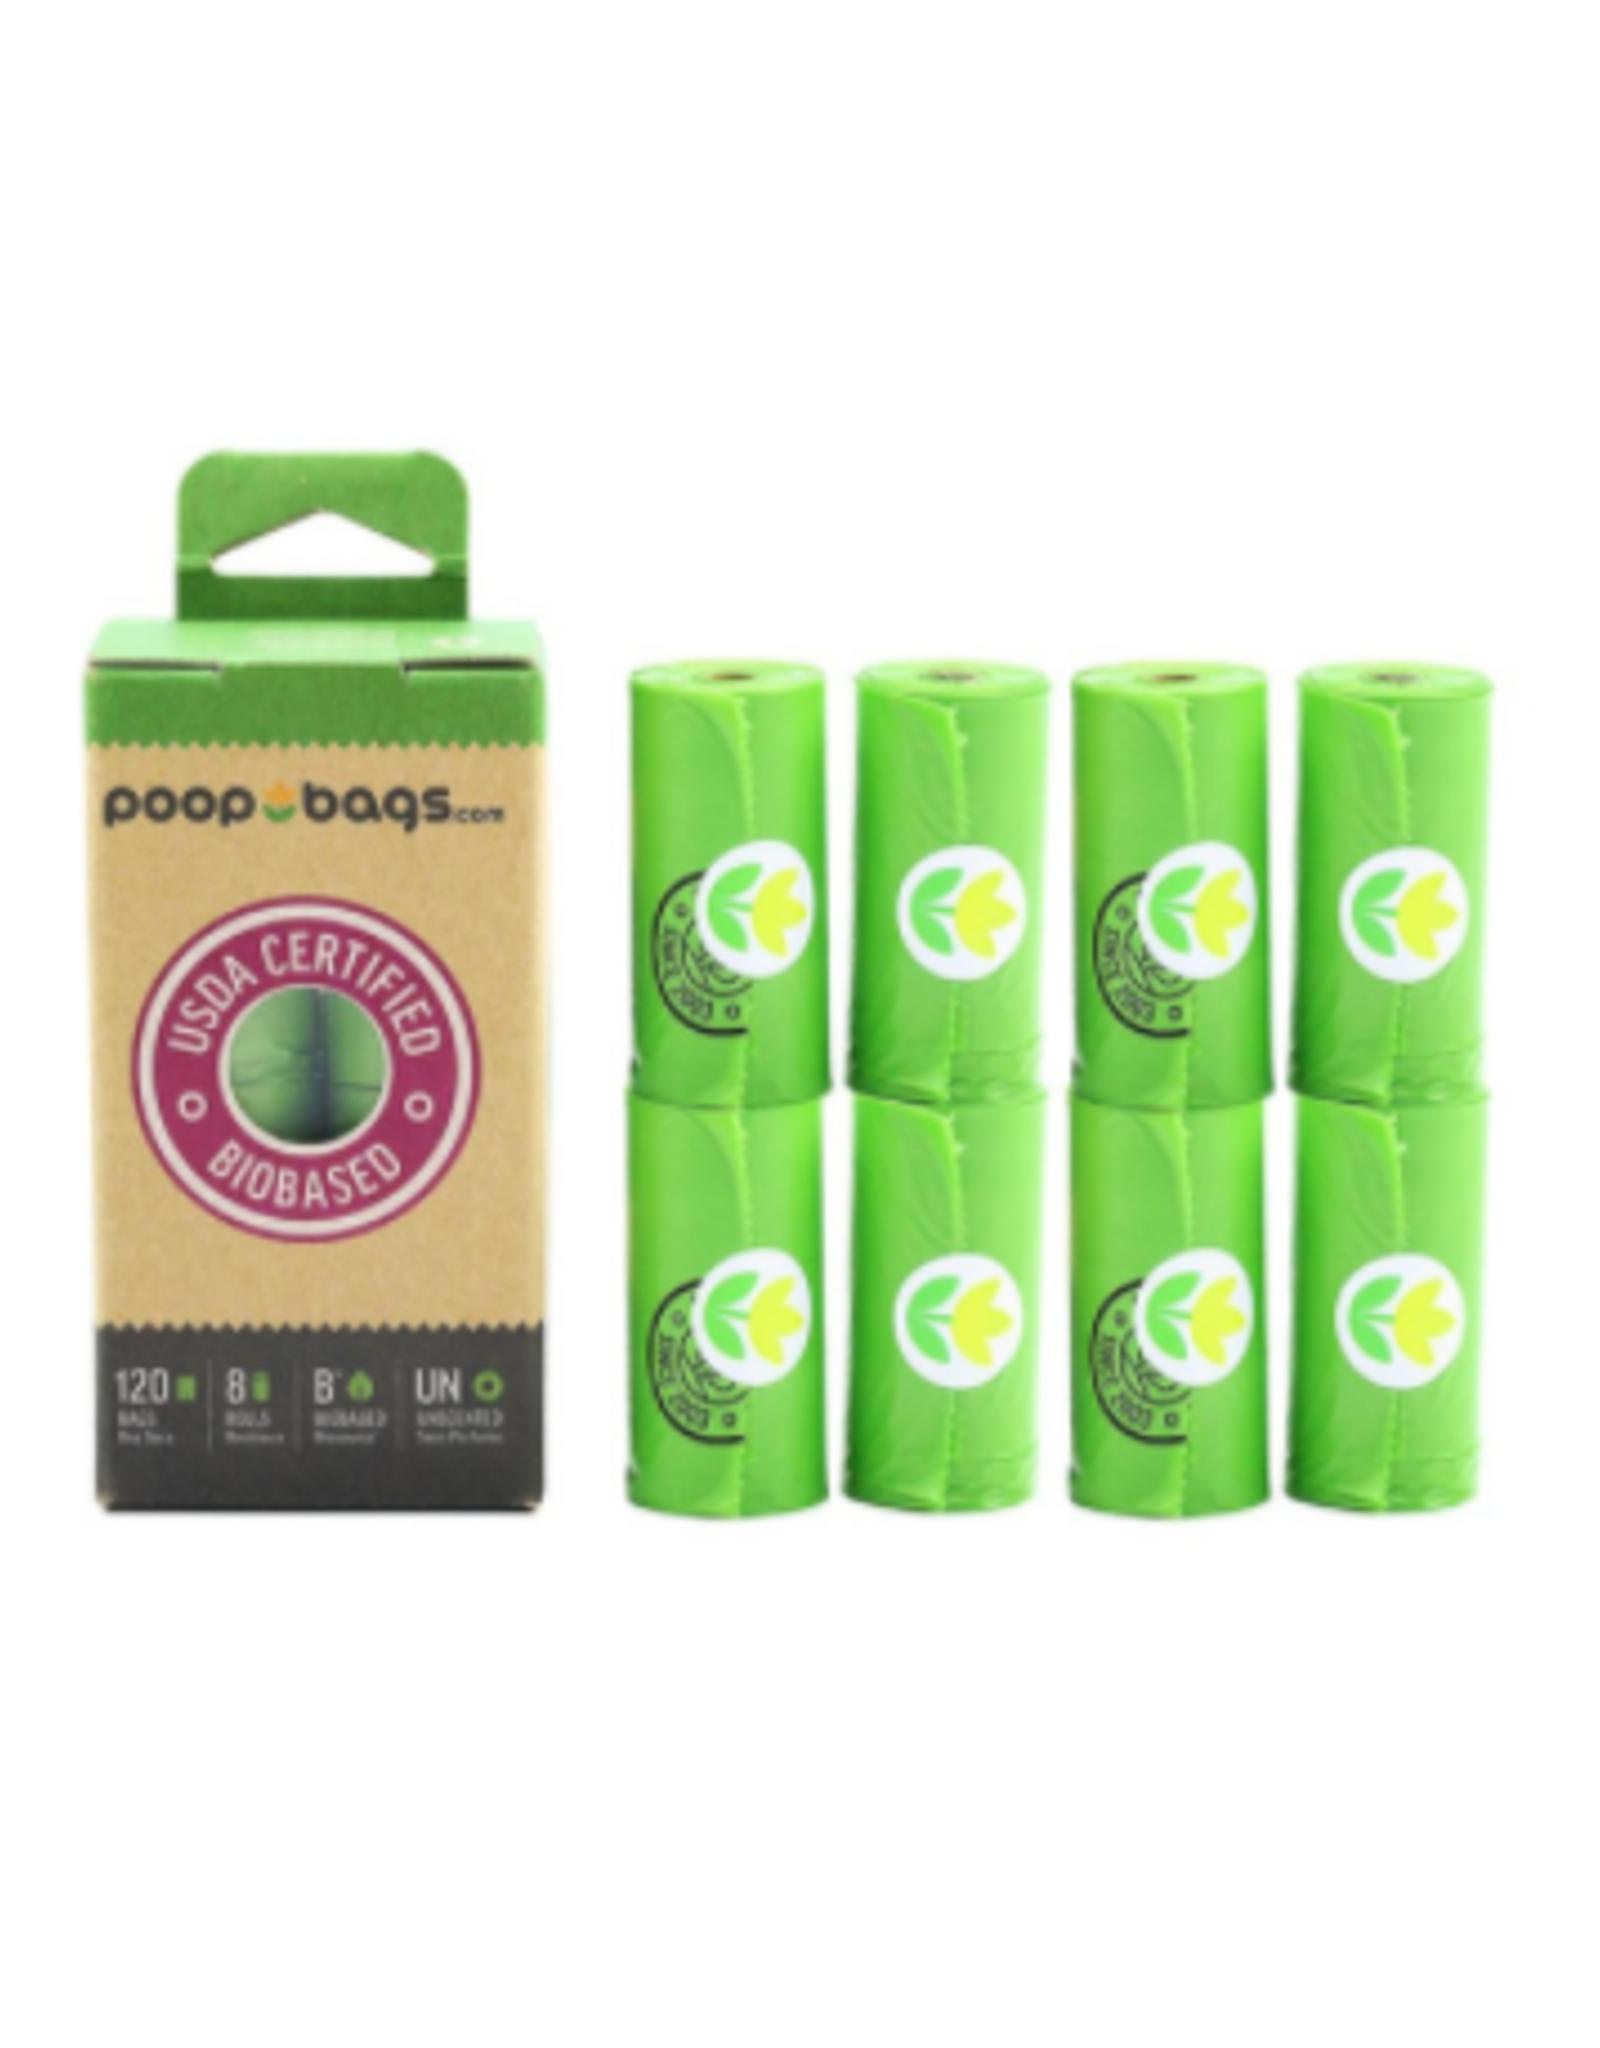 The Original Poop Bags Individual Biobased Roll